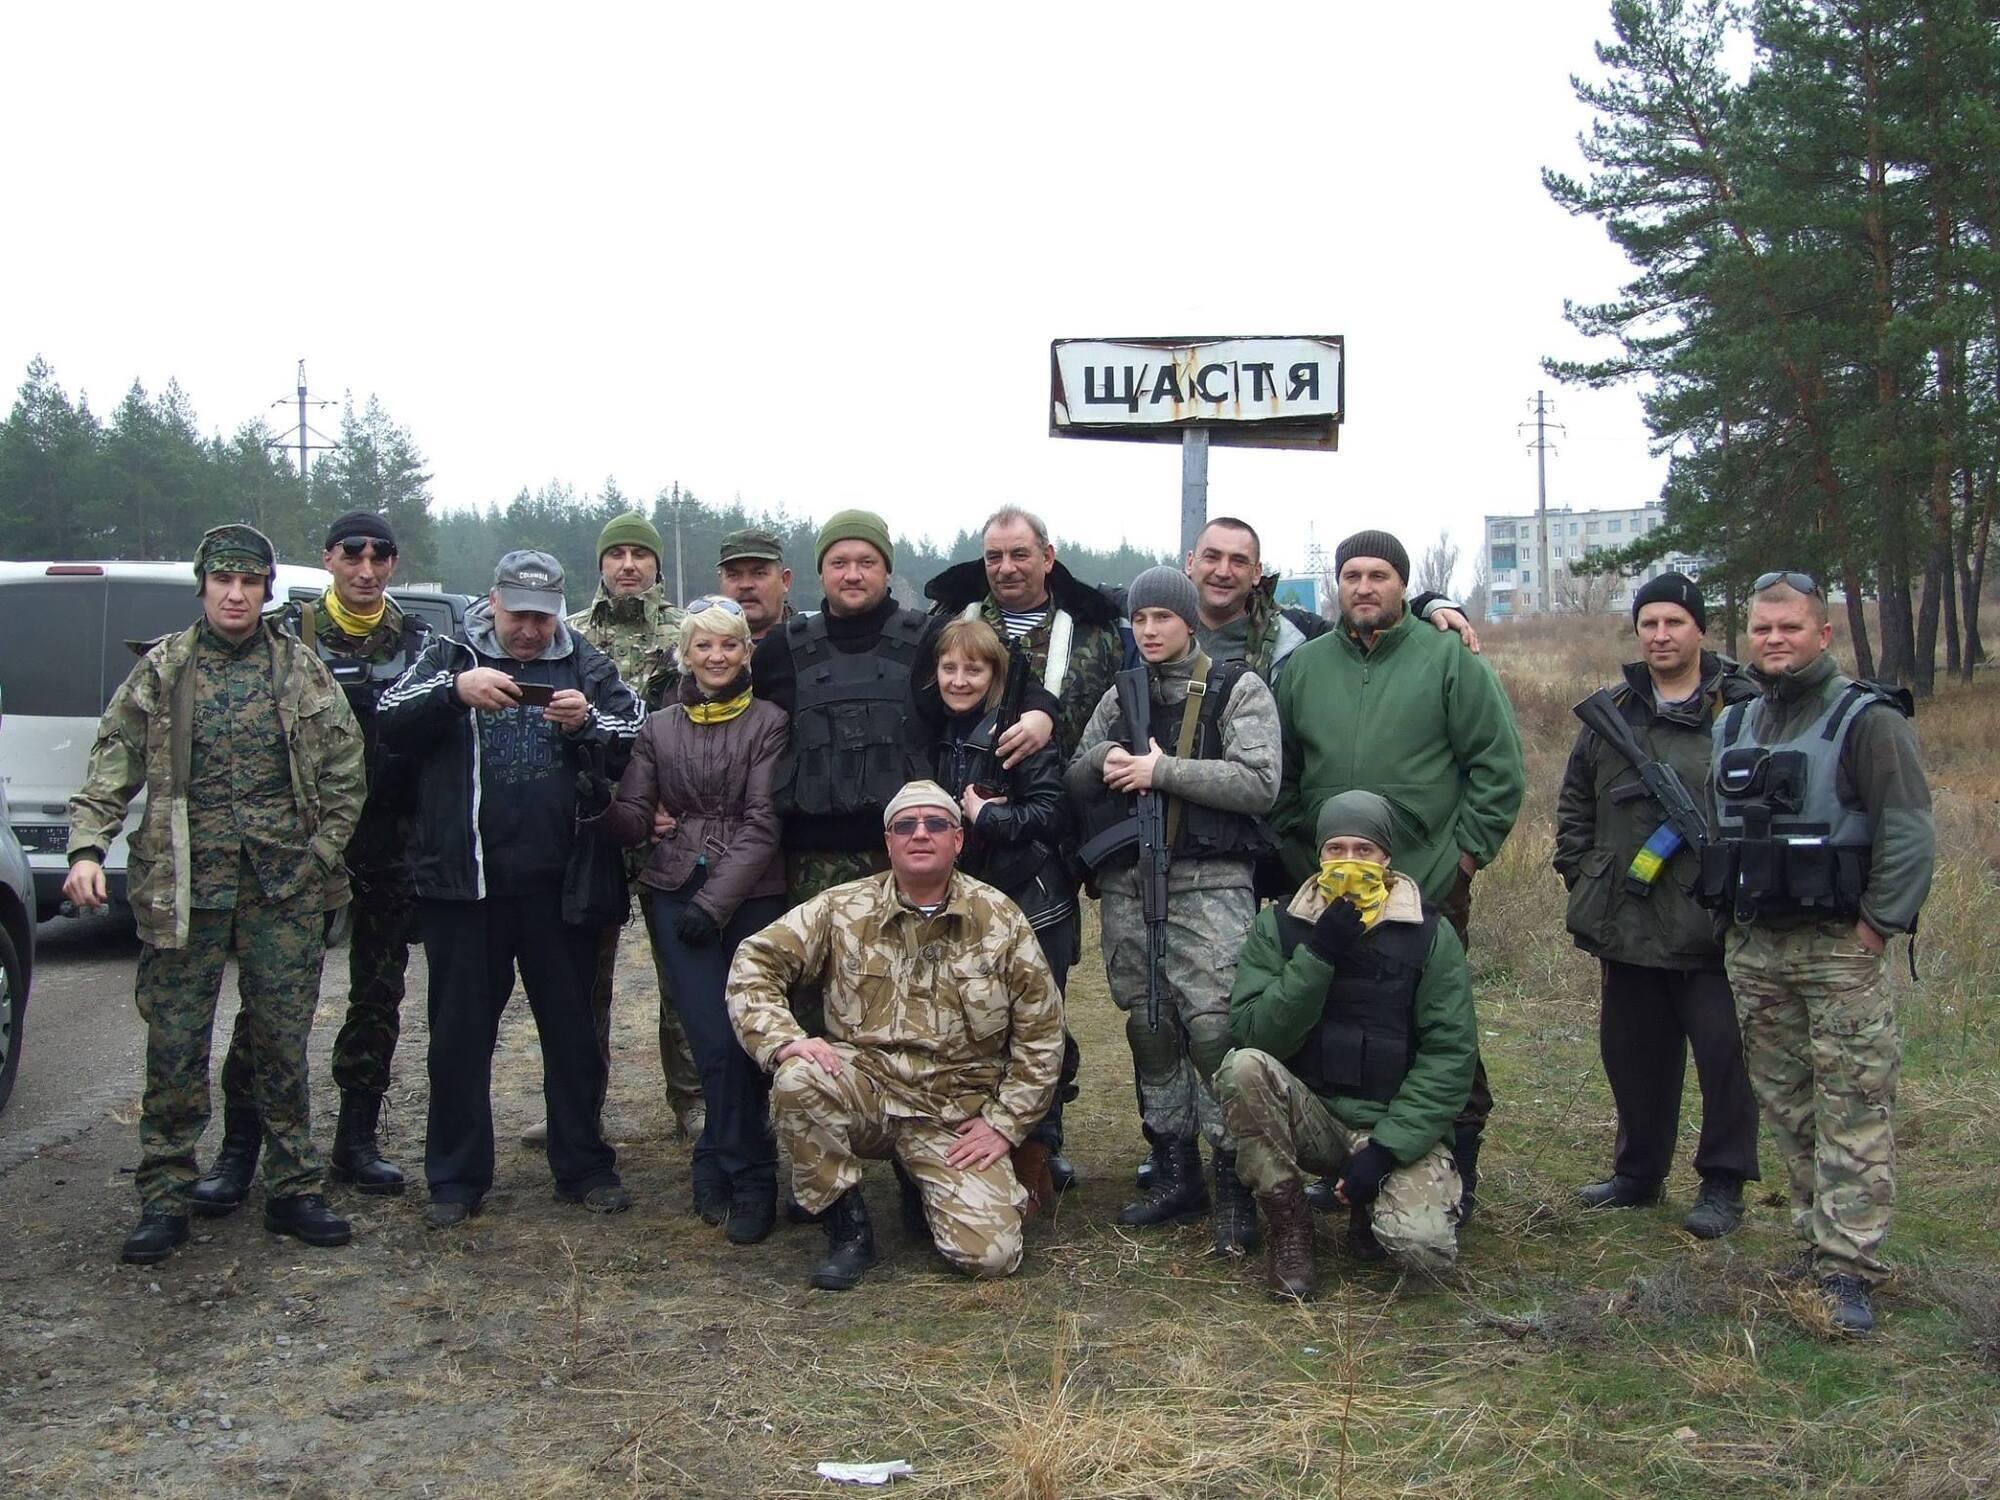 Тимур (в центре) с побратимами и волонтерами